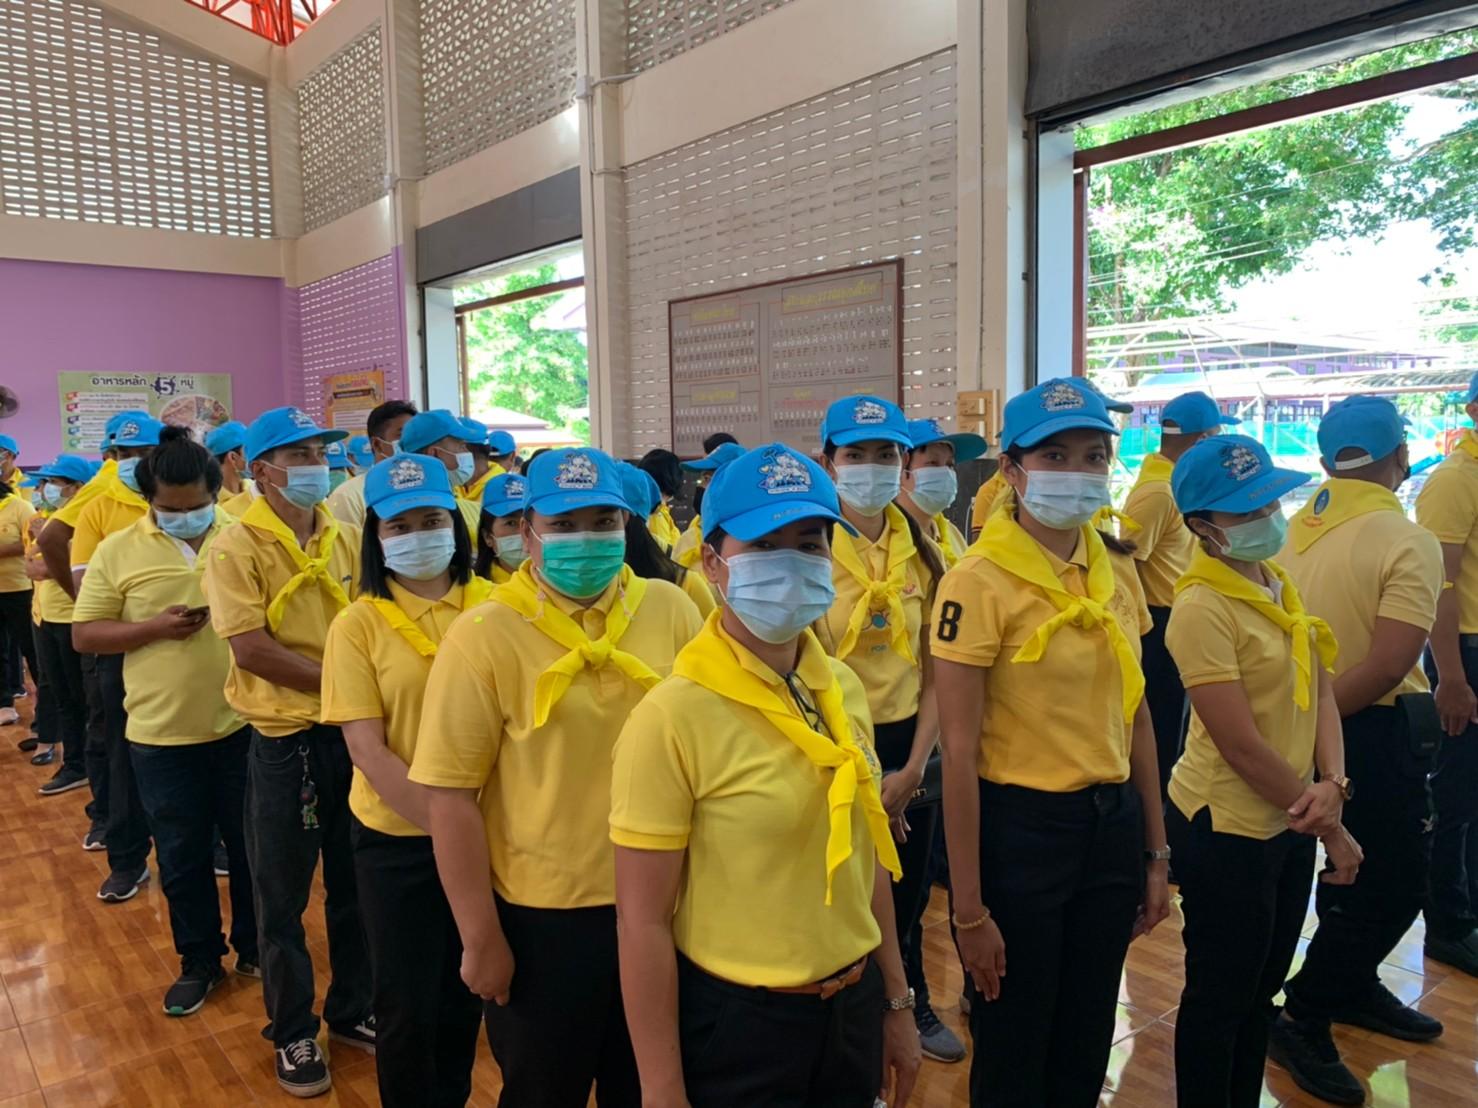 เข้าร่วมกิจกรรมจิตอาสาพัฒนาโรงเรียนสอนคนตาบอดภาคใต้  จังหวัดสุราษฎร์ธานี